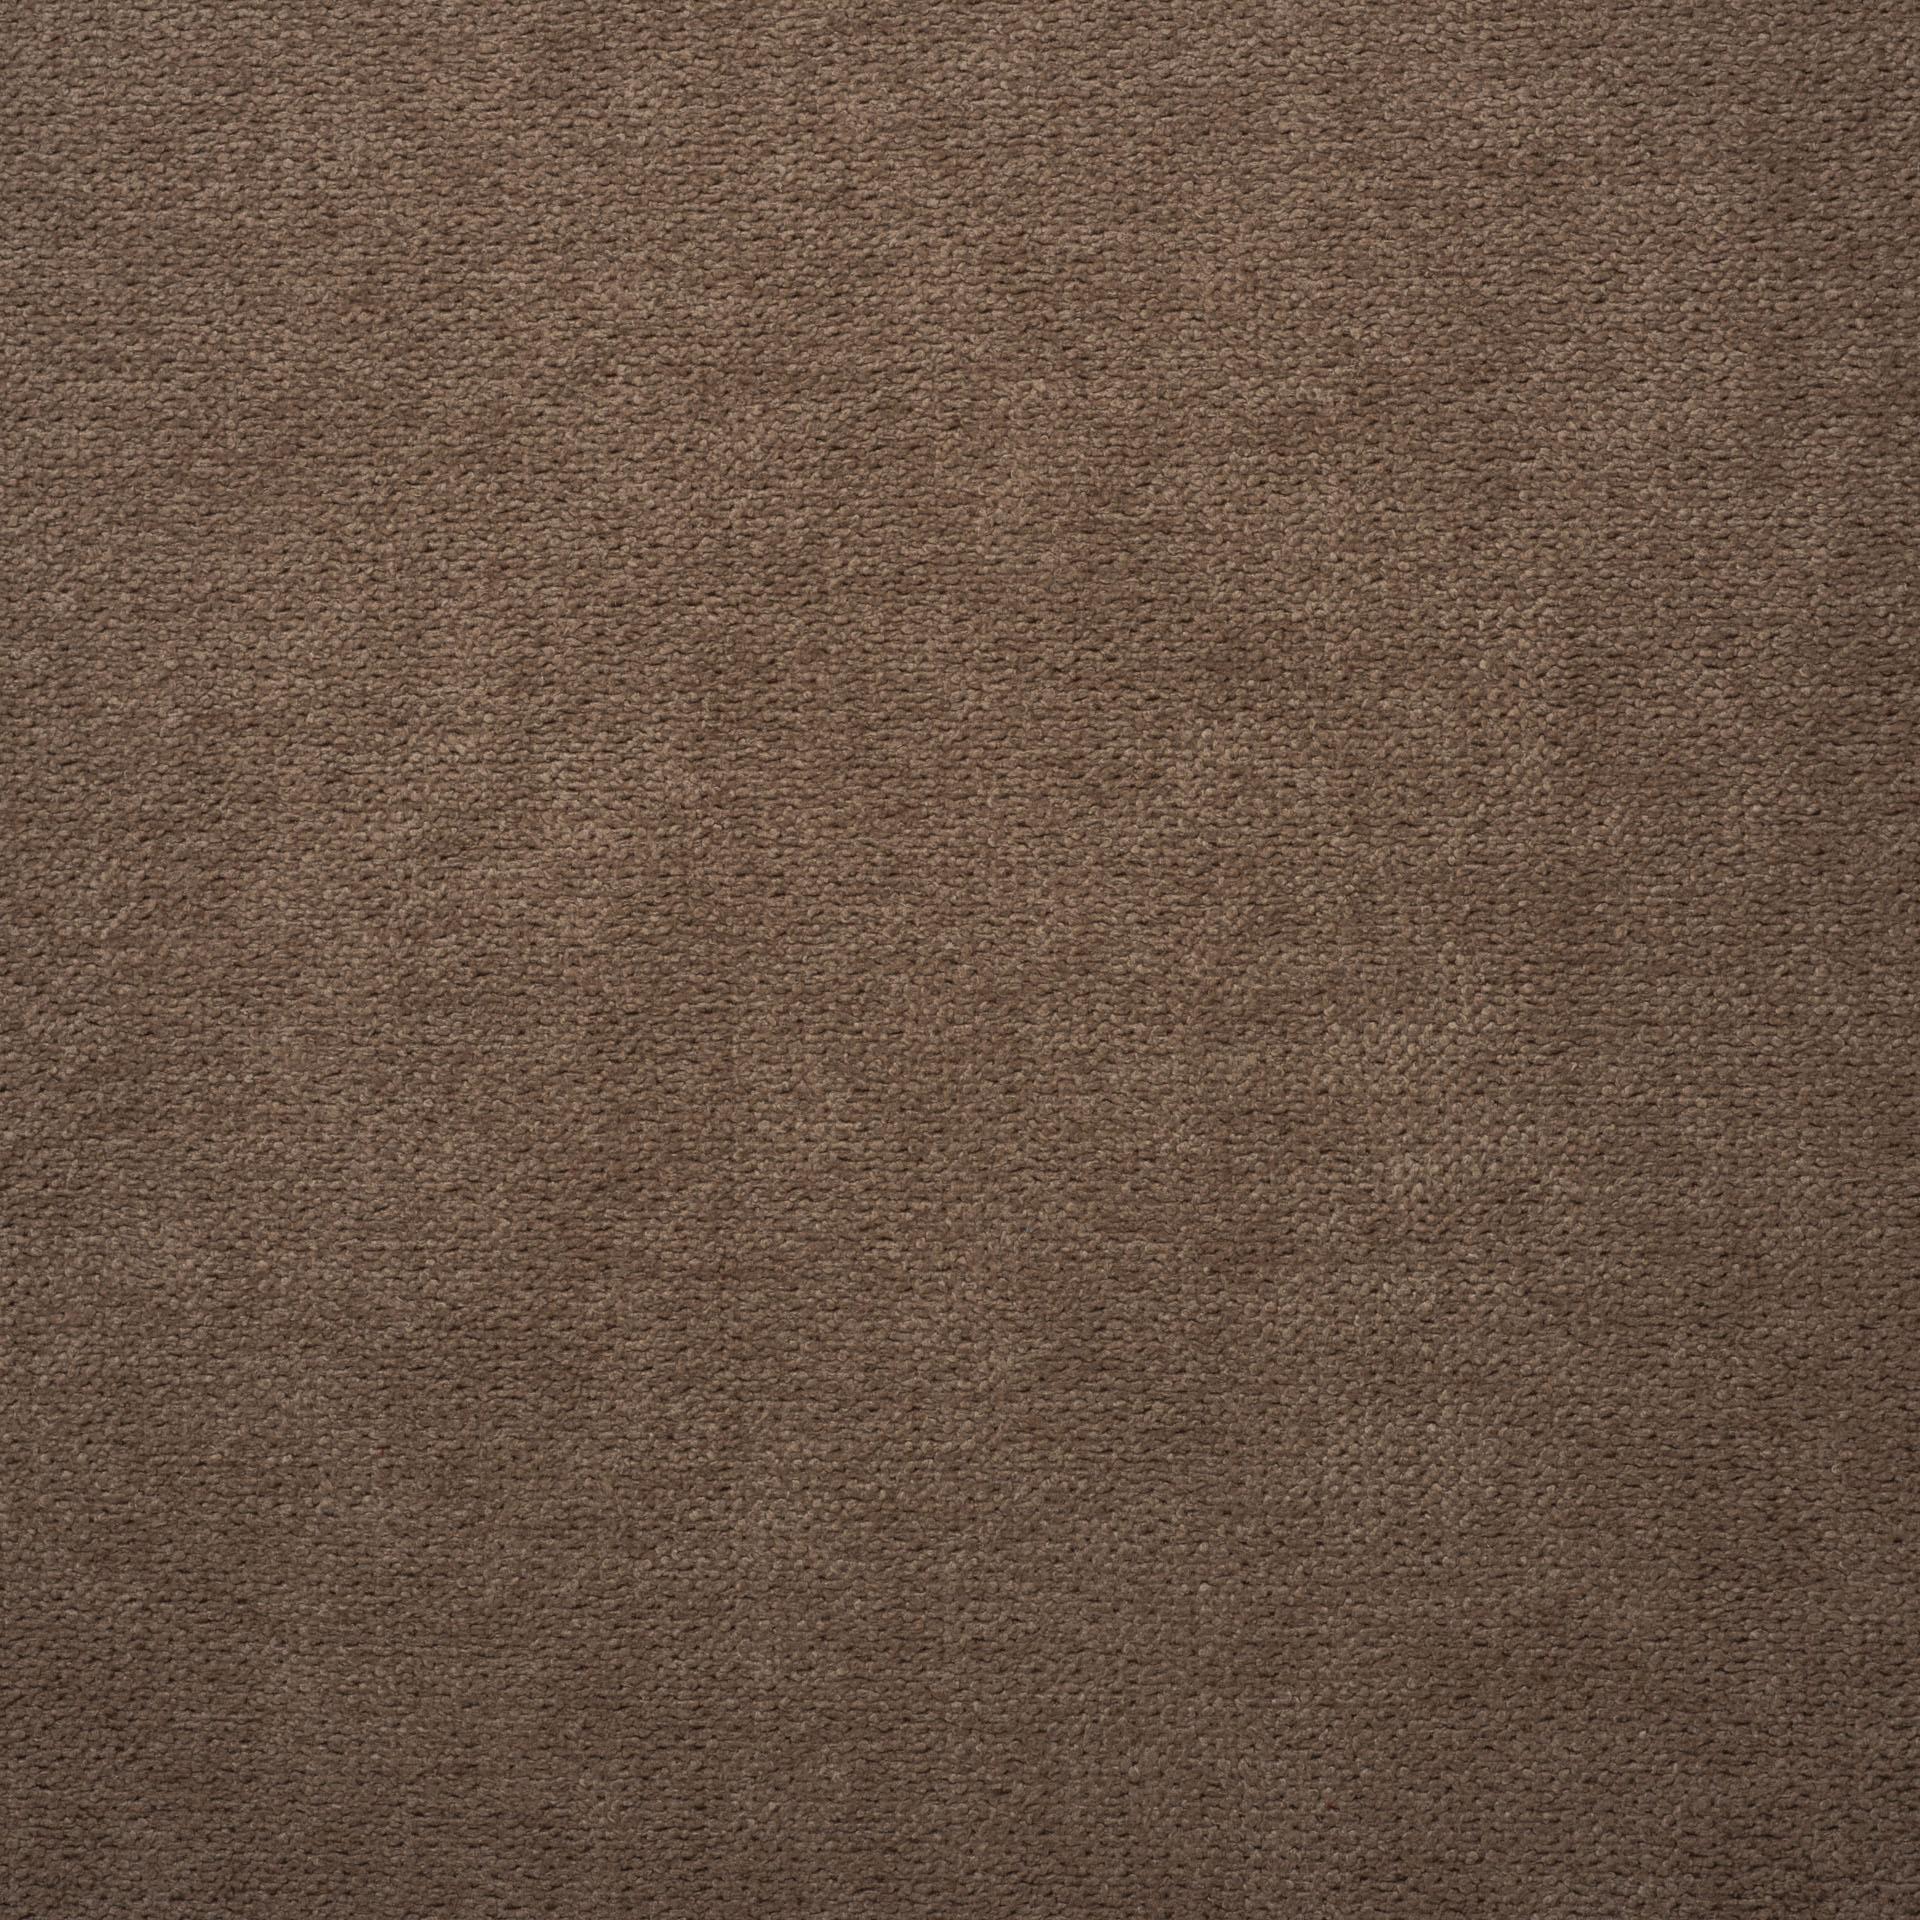 Коллекция ткани Аляска 02 INDIAN TAN,  купить ткань Жаккард для мебели Украина